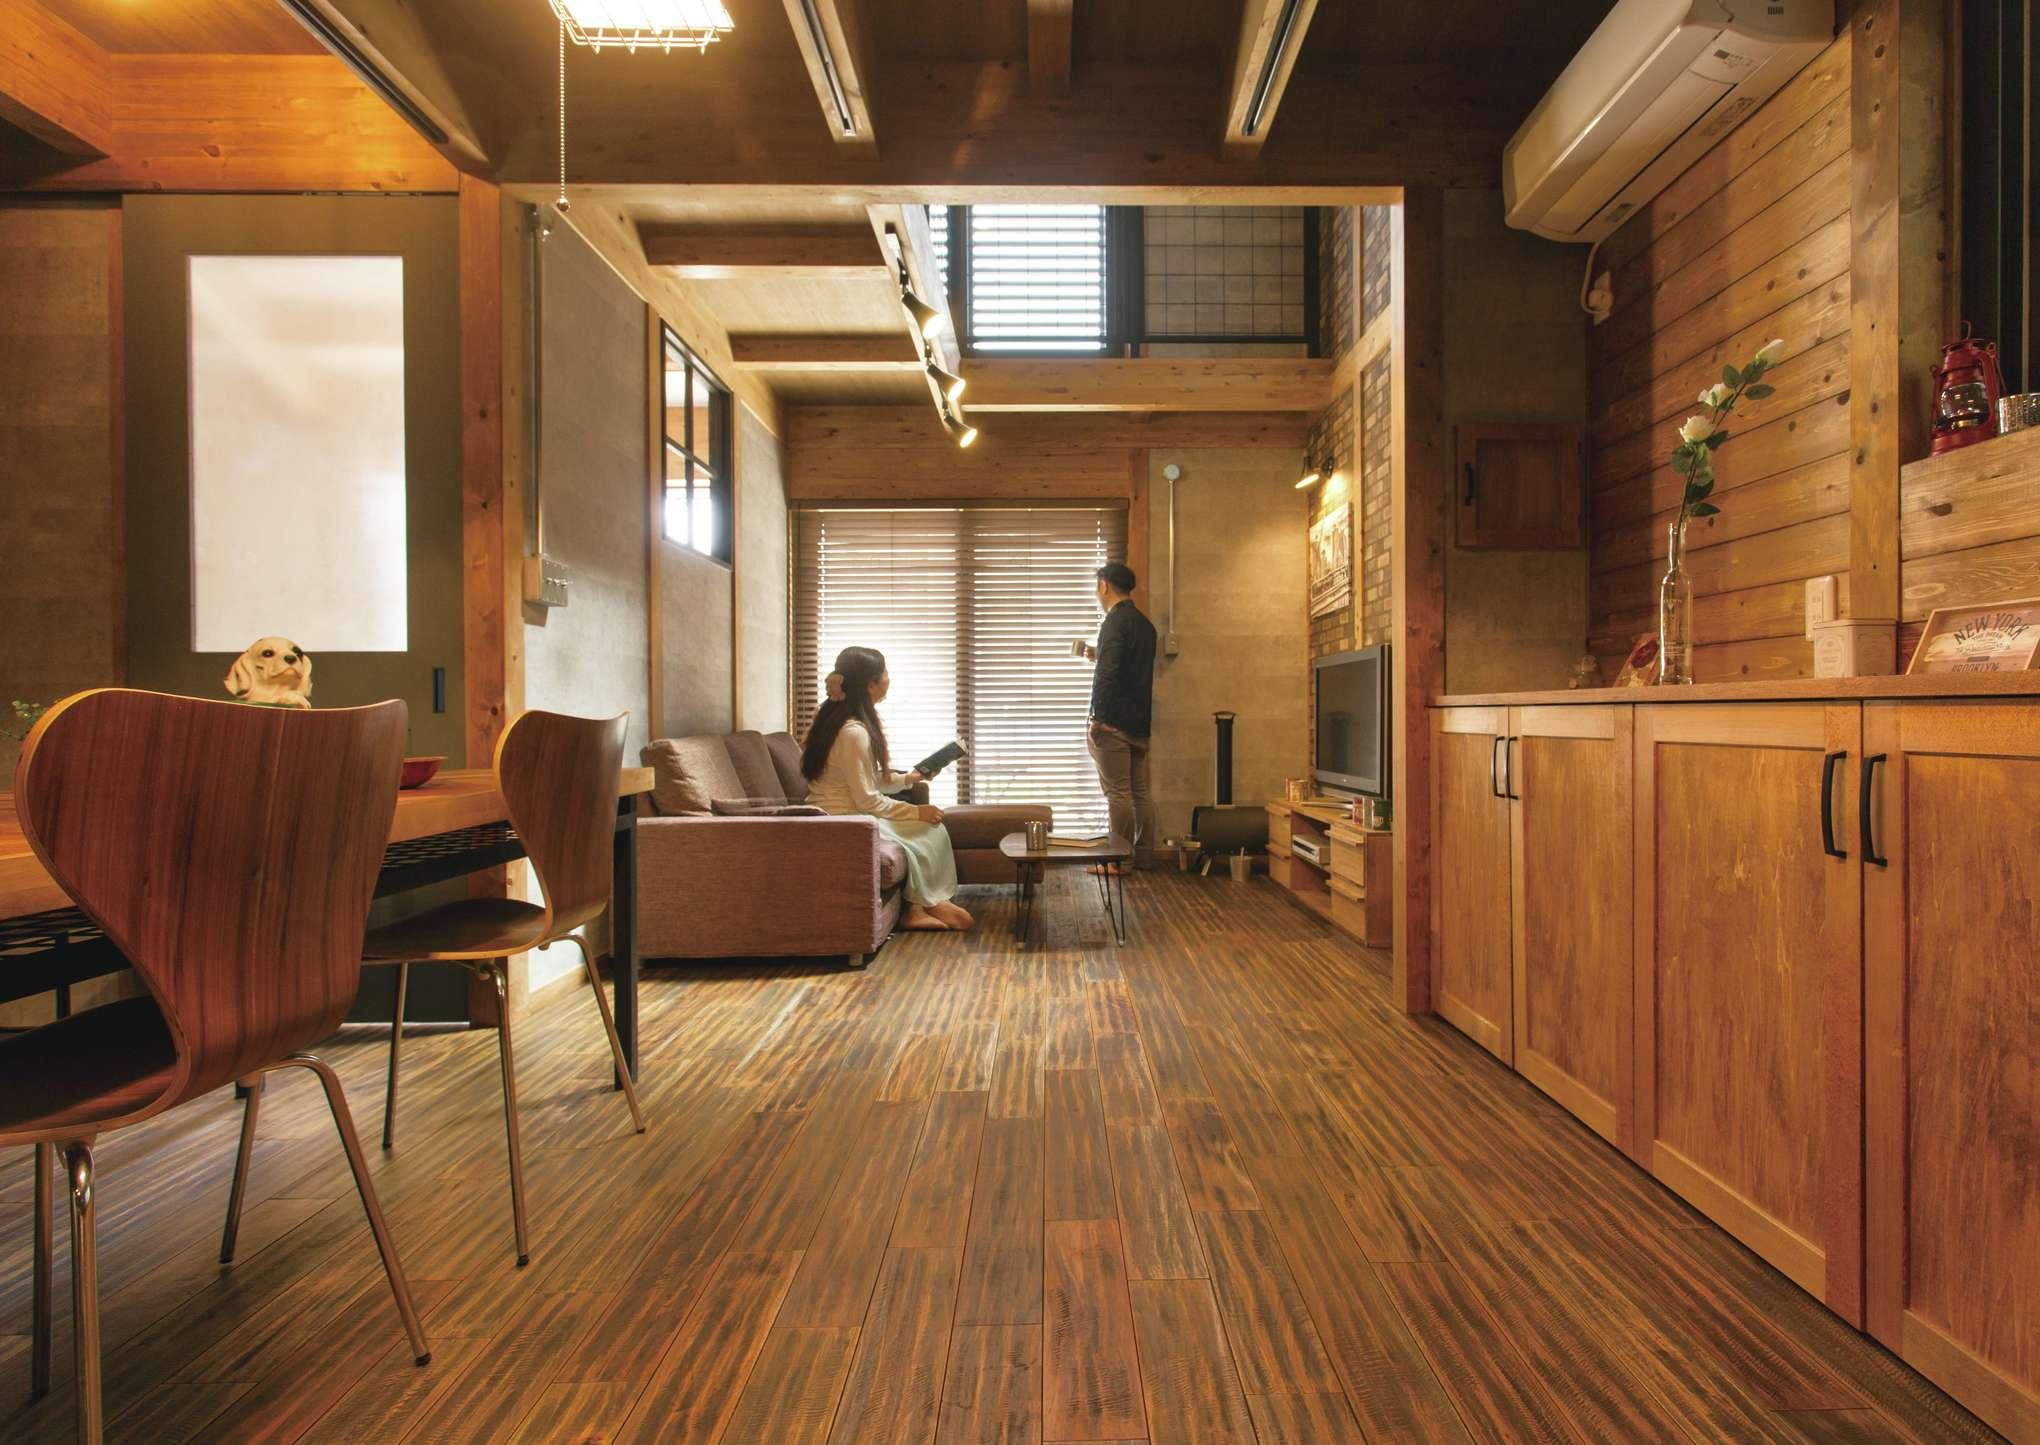 サイエンスホーム【1000万円台、デザイン住宅、間取り】ダイニング、キッチンの天井高を抑え、リビングを吹抜けにすることで目線が抜け、より開放感が生まれる。収納棚も無垢材で製作